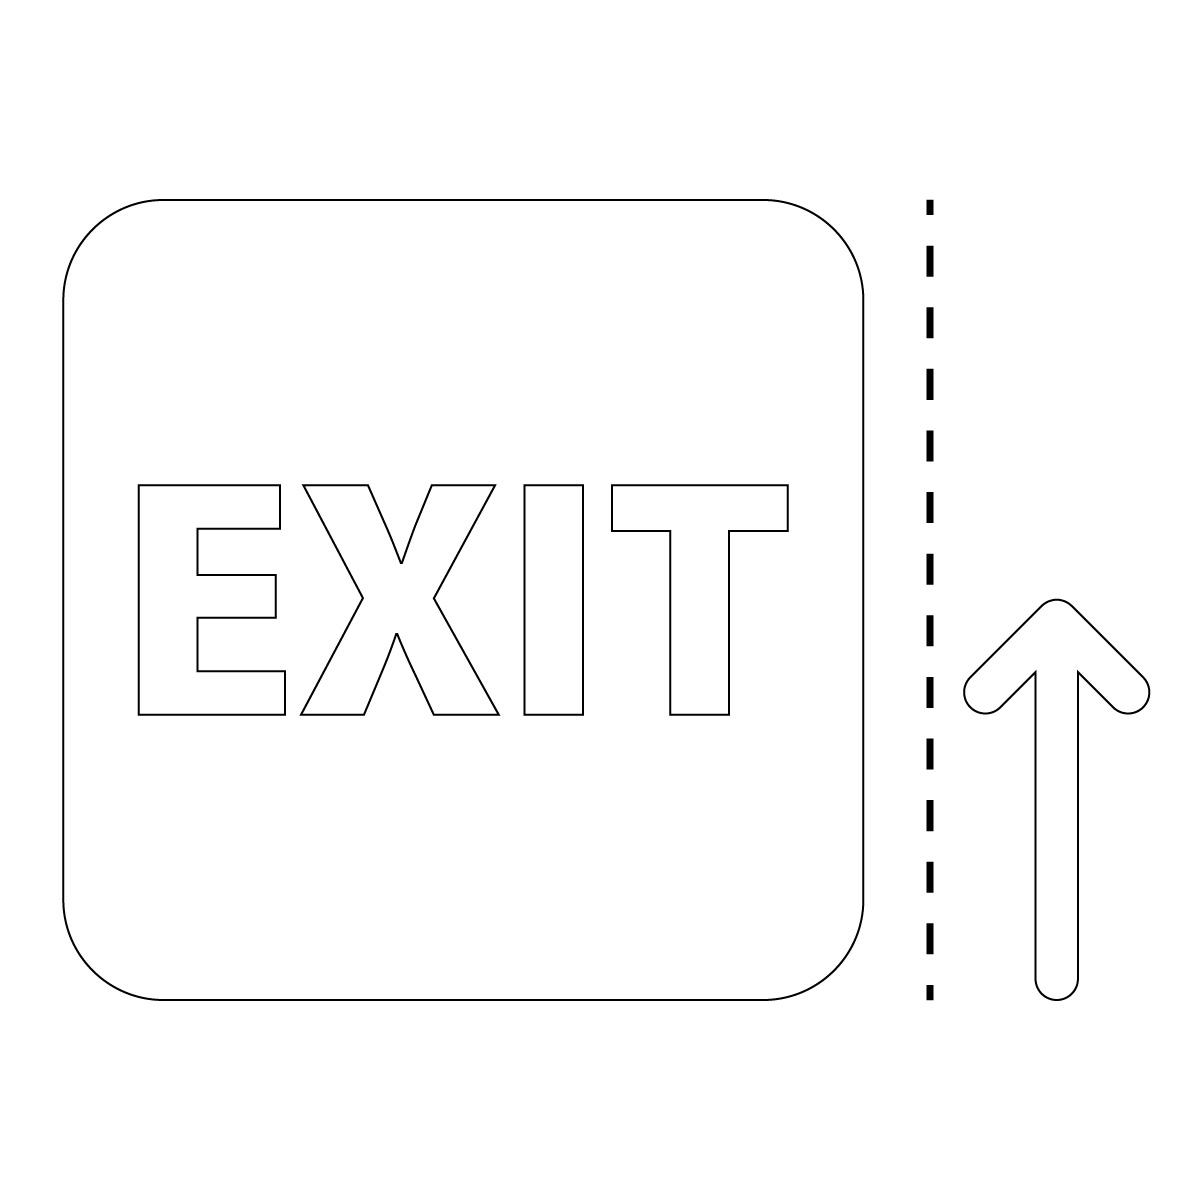 白色の出口 EXIT 案内 マーク(矢印付き)のカッティング ステッカー シール